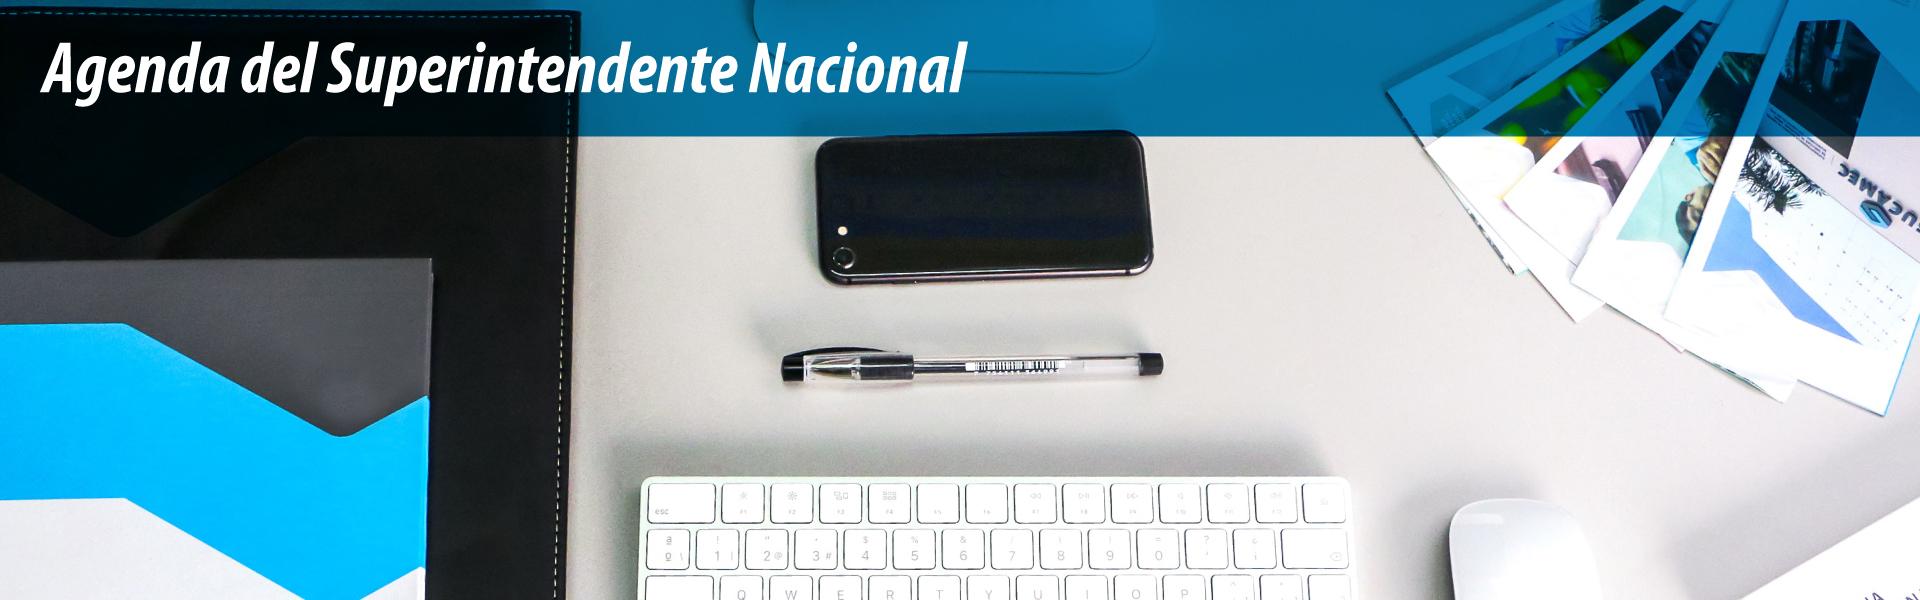 agenda-supertintendente-nacional-2a